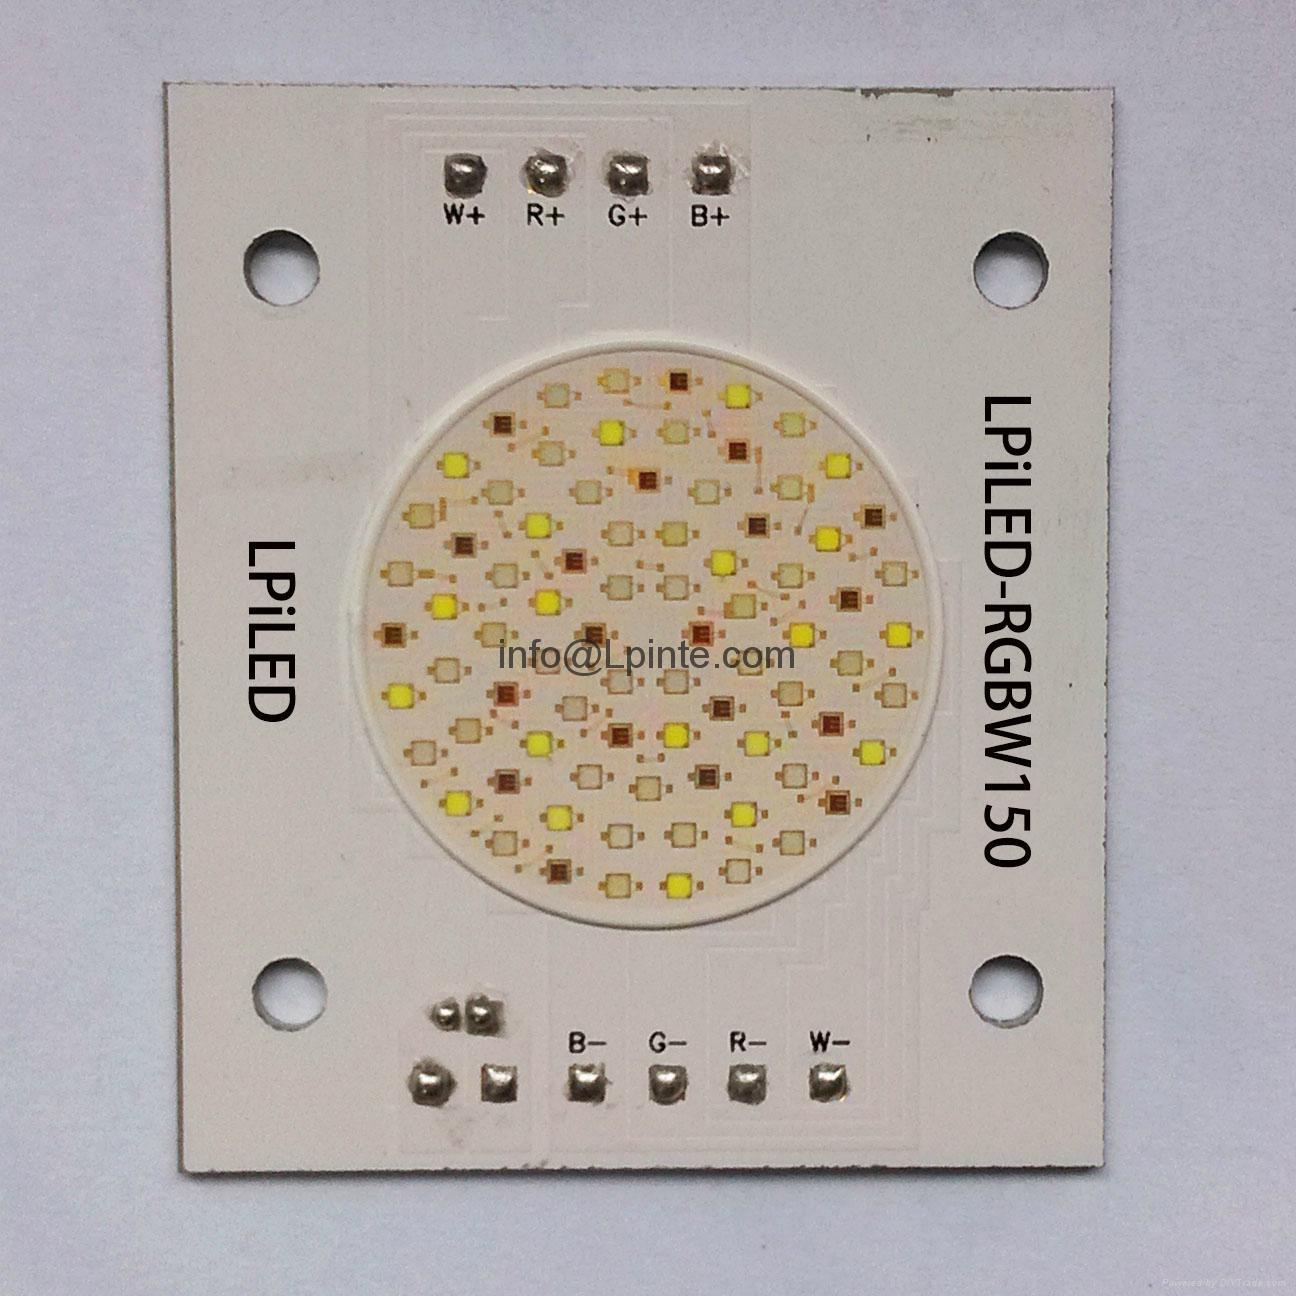 RGBW LED RGBW CHIP LED RGBW COB LED RGB LED MODULE WW CW RGBY 2